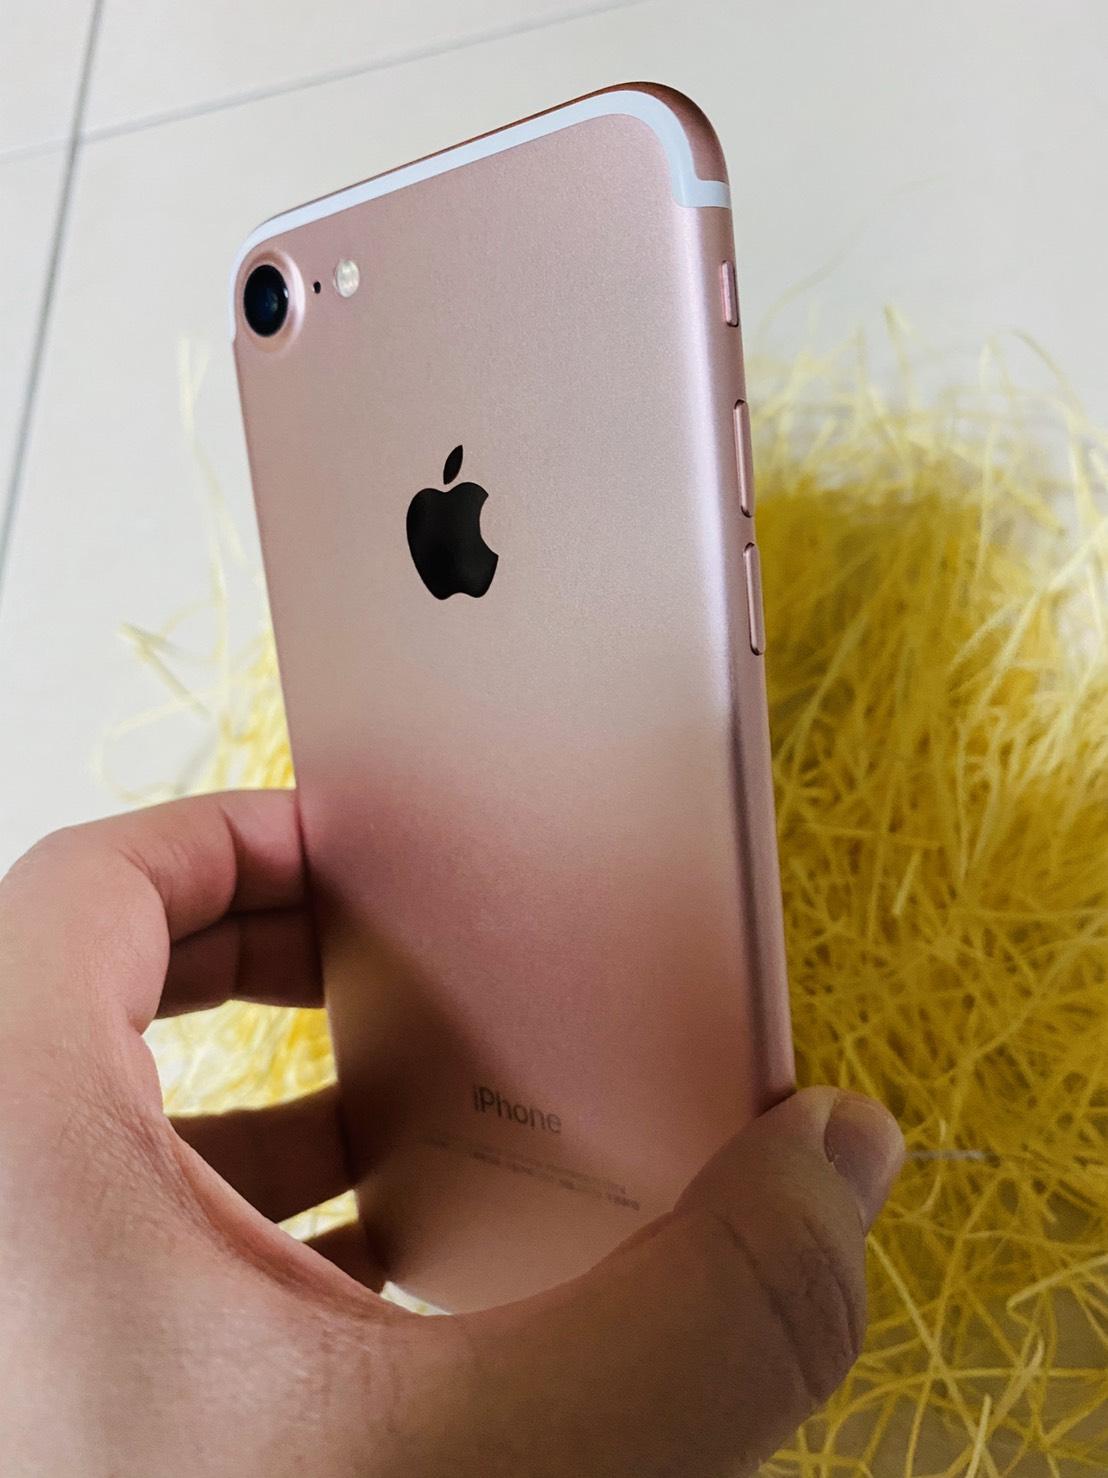 [販售] 新竹 iphone7 128g玫瑰金 原廠盒裝